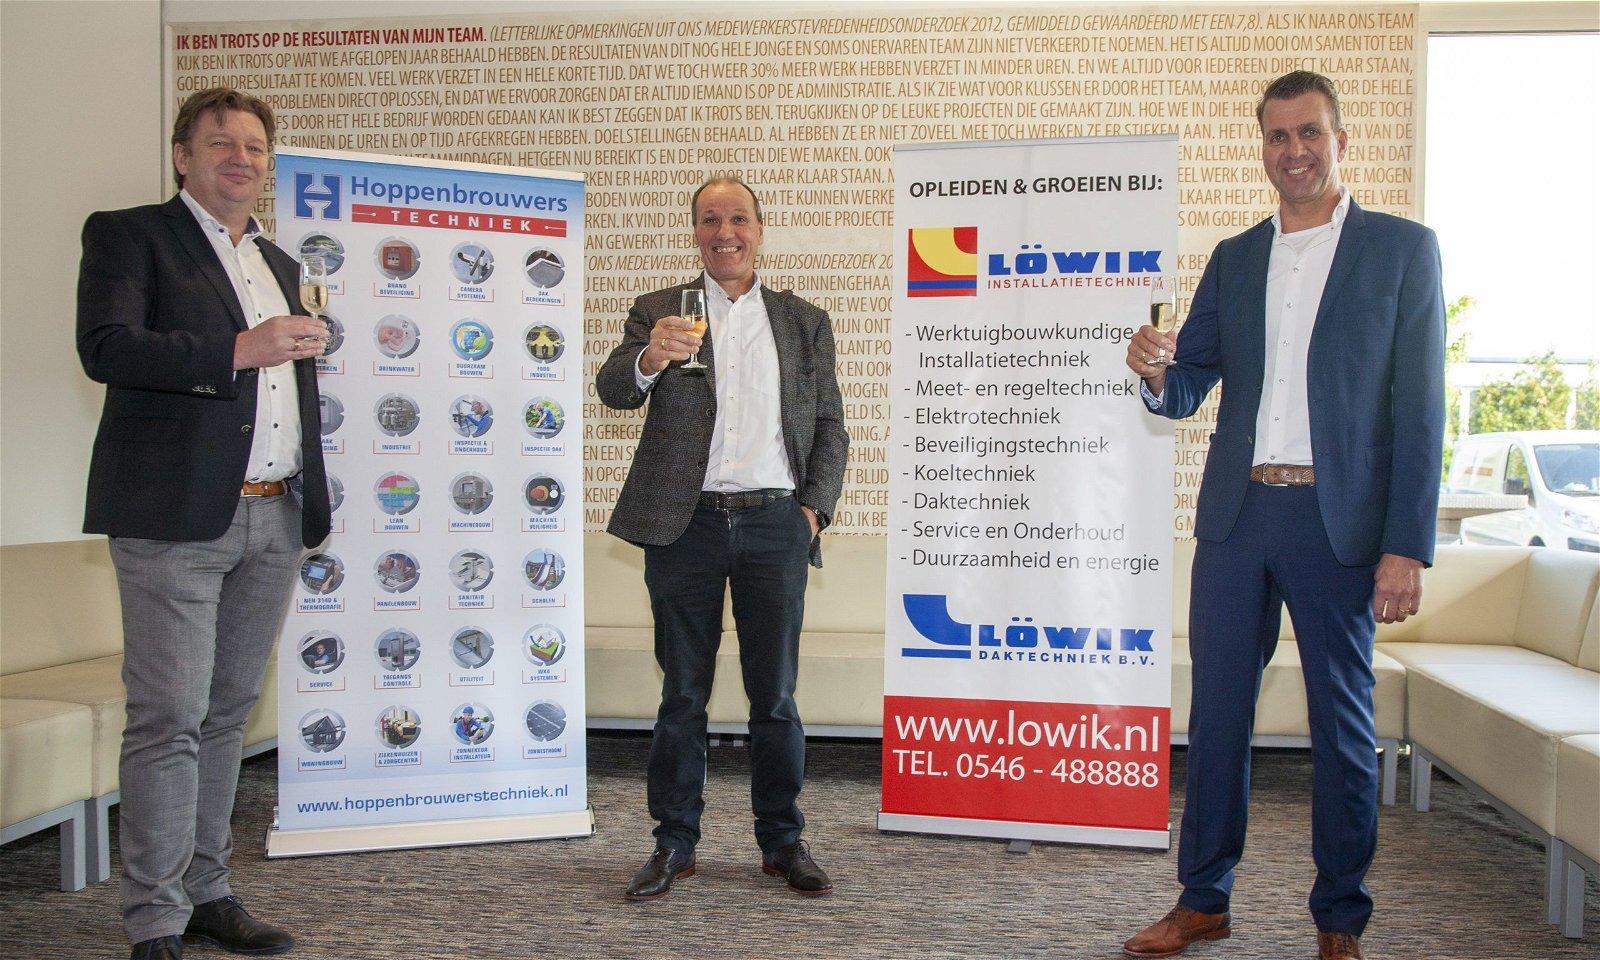 Löwik Installatietechniek sluit zich aan bij Hoppenbrouwers Techniek